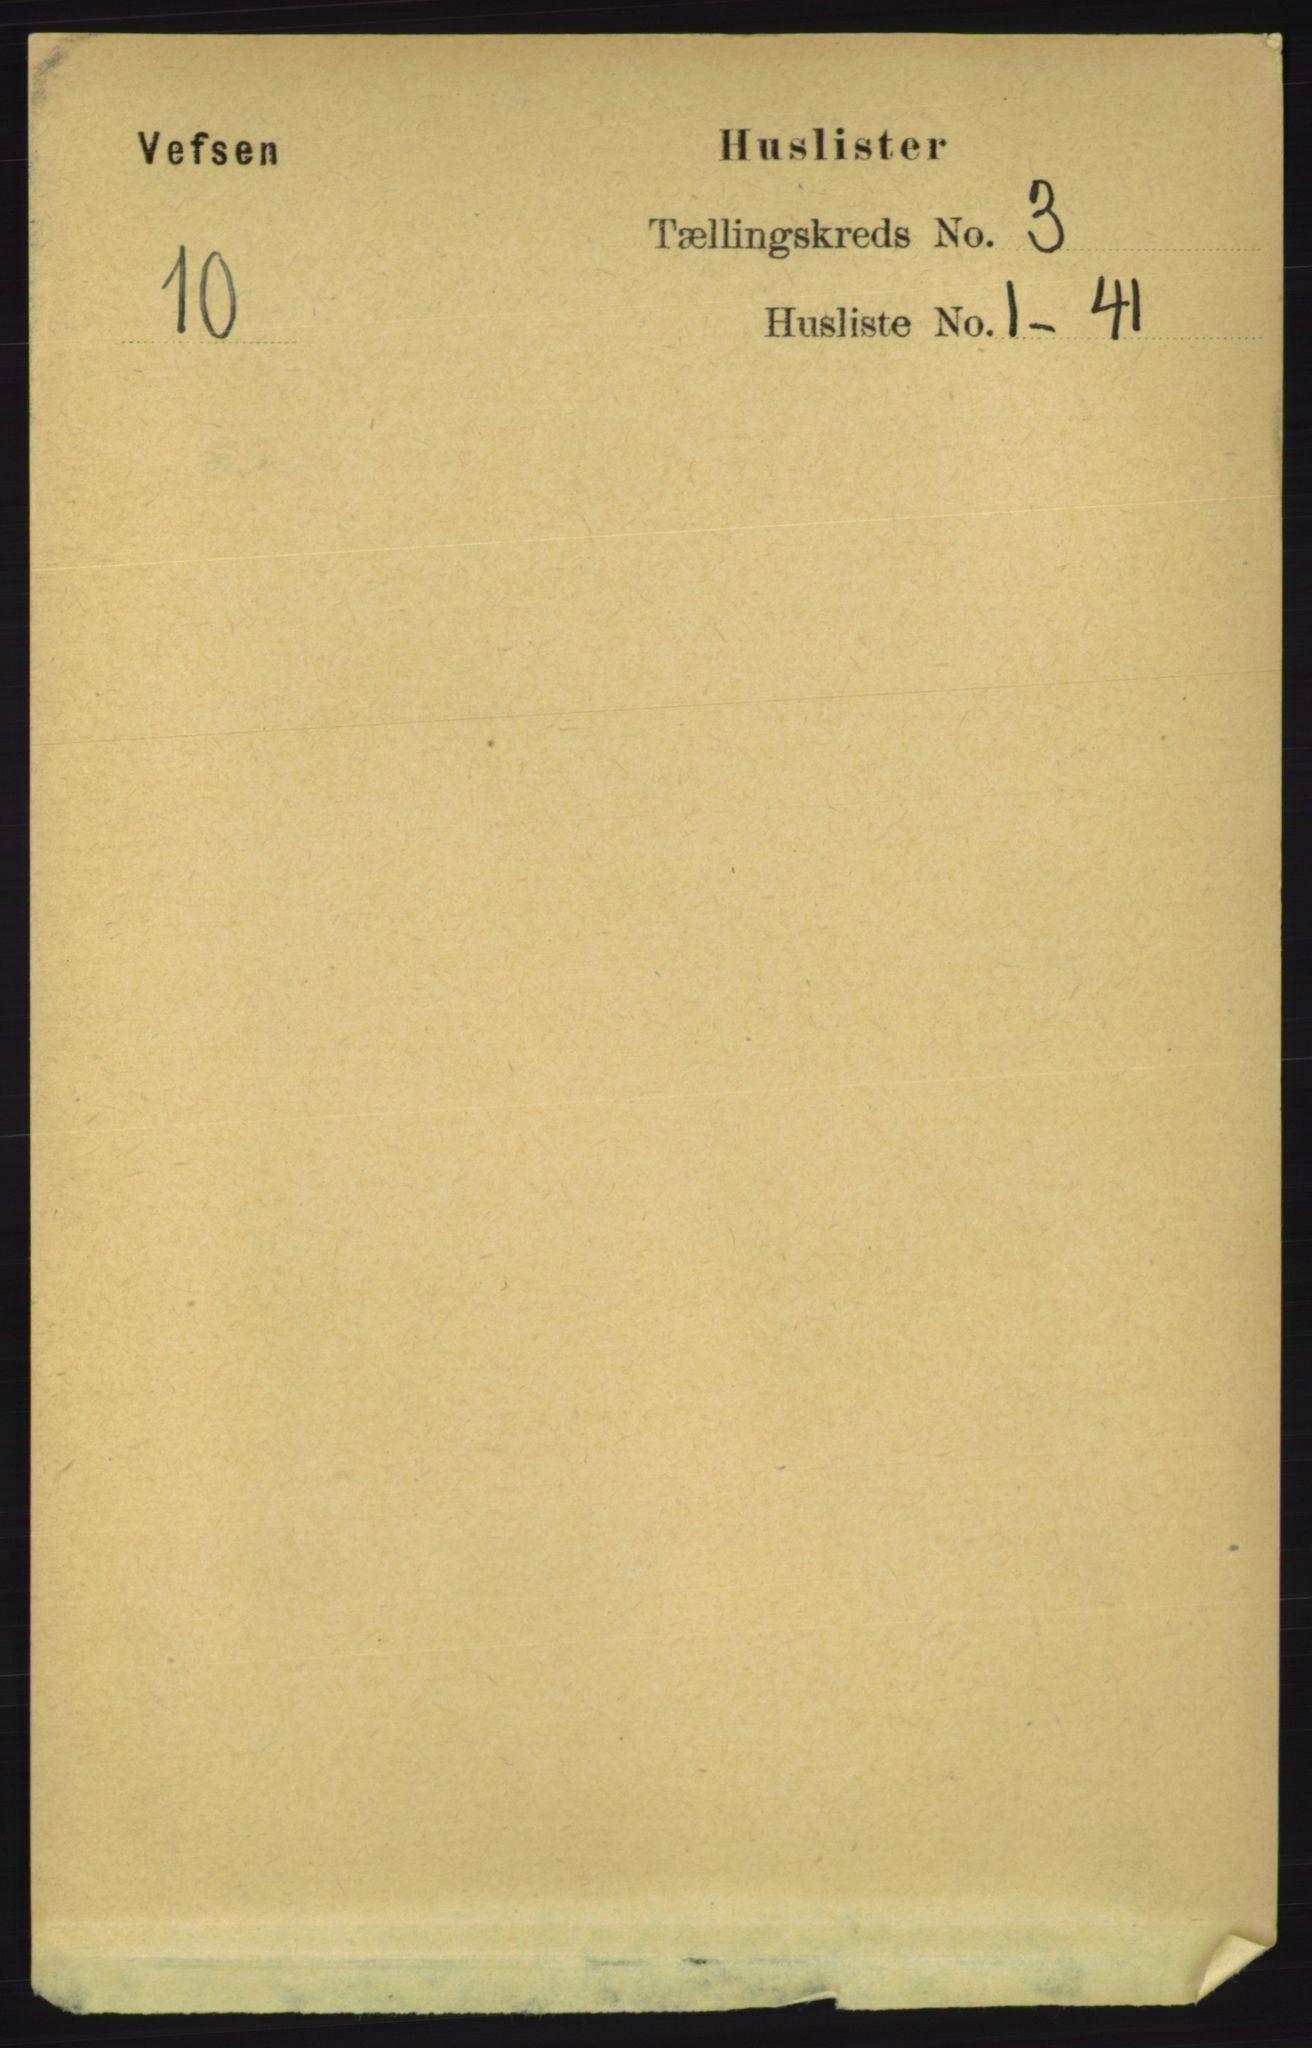 RA, Folketelling 1891 for 1824 Vefsn herred, 1891, s. 1233